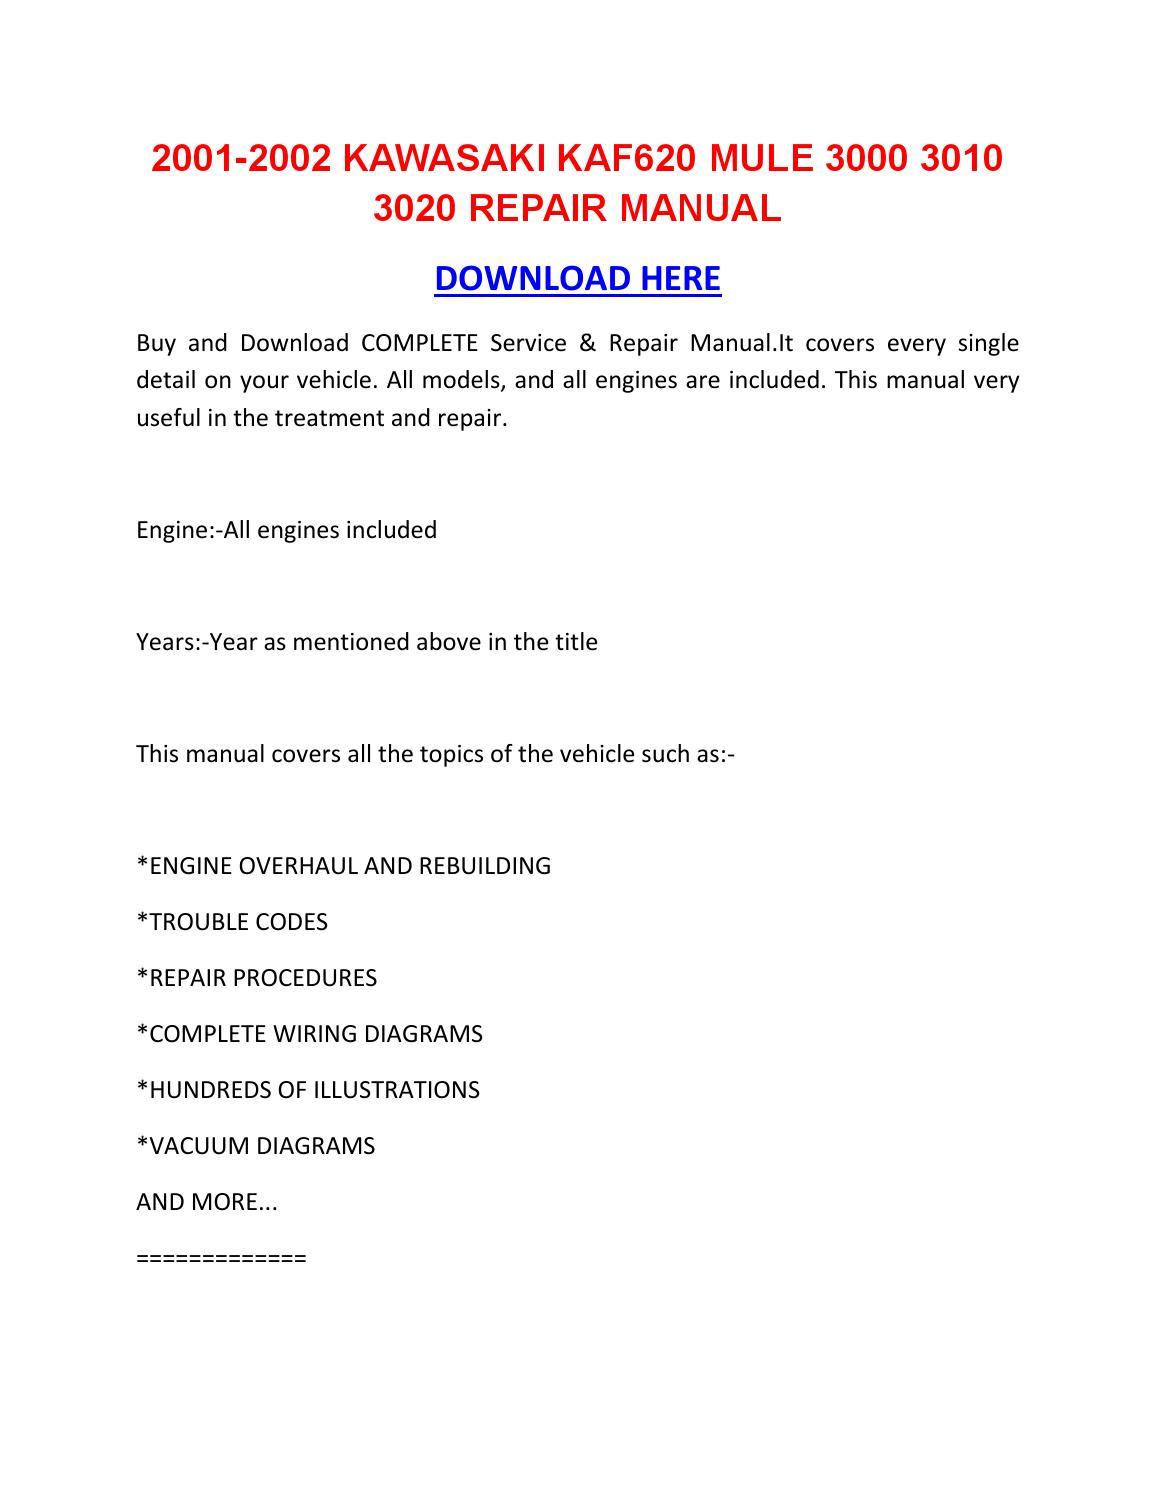 2001 2002 kawasaki kaf620 mule 3000 3010 3020 repair. Black Bedroom Furniture Sets. Home Design Ideas